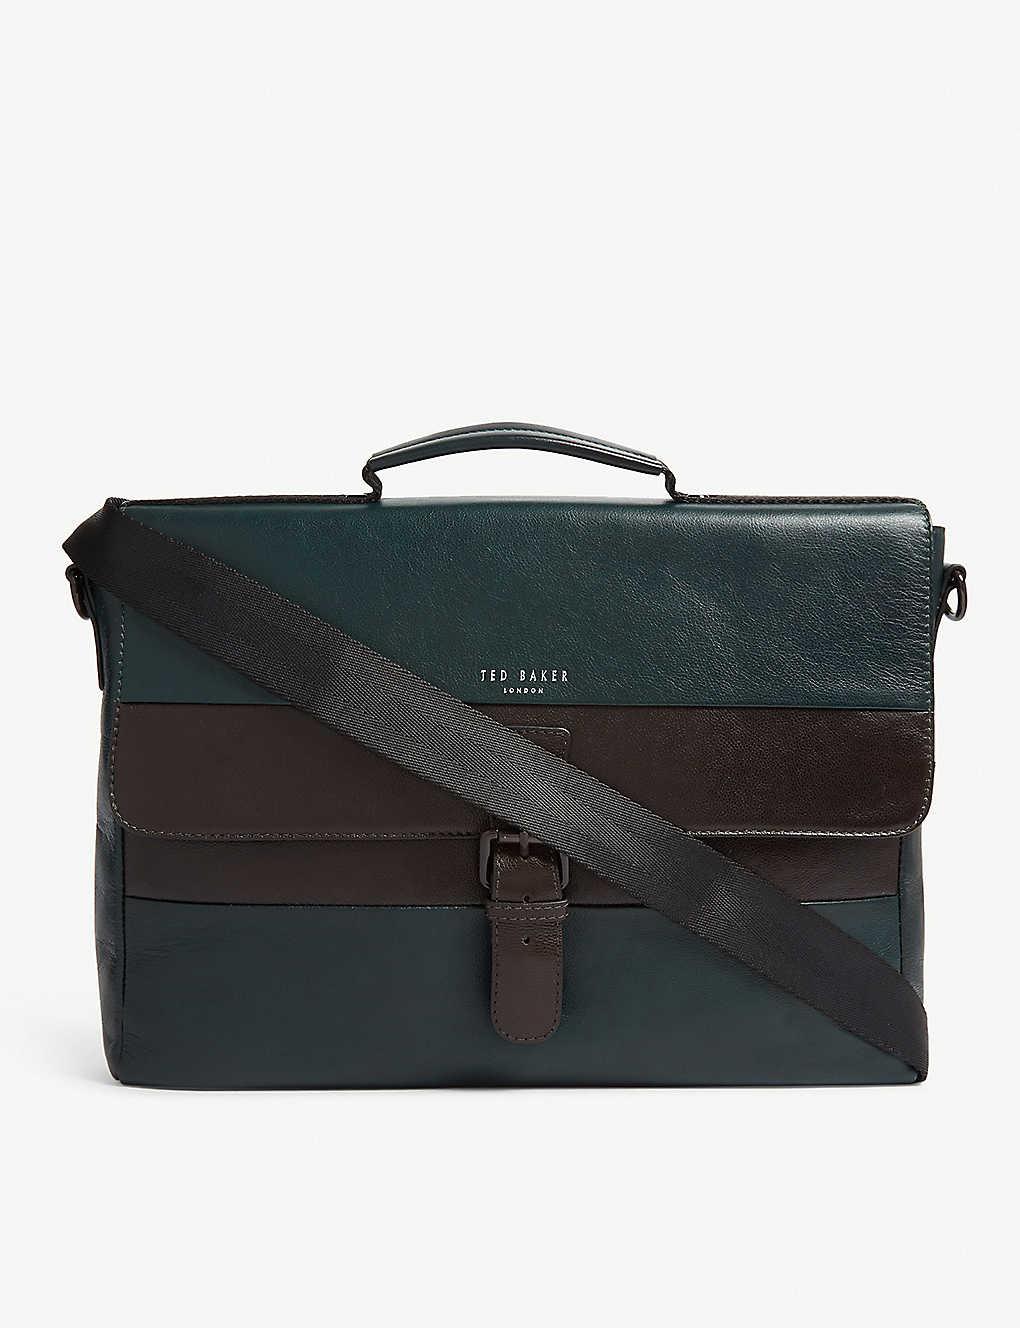 ef82a6eb7e6 TED BAKER - Bocelli striped leather messenger bag | Selfridges.com